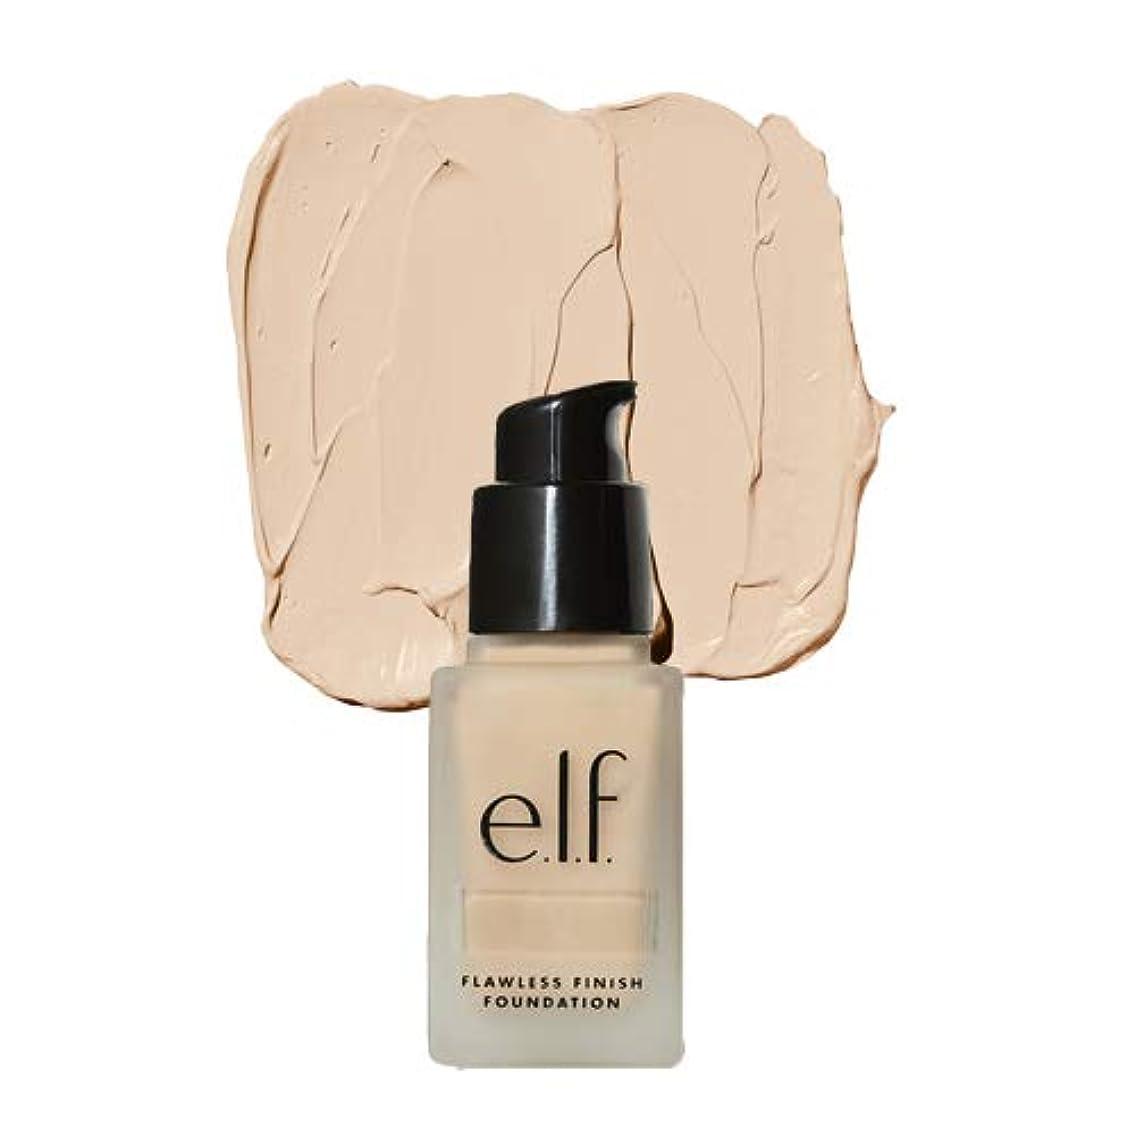 あなたが良くなりますコンパニオン人気(3 Pack) e.l.f. Oil Free Flawless Finish Foundation - Beige (並行輸入品)